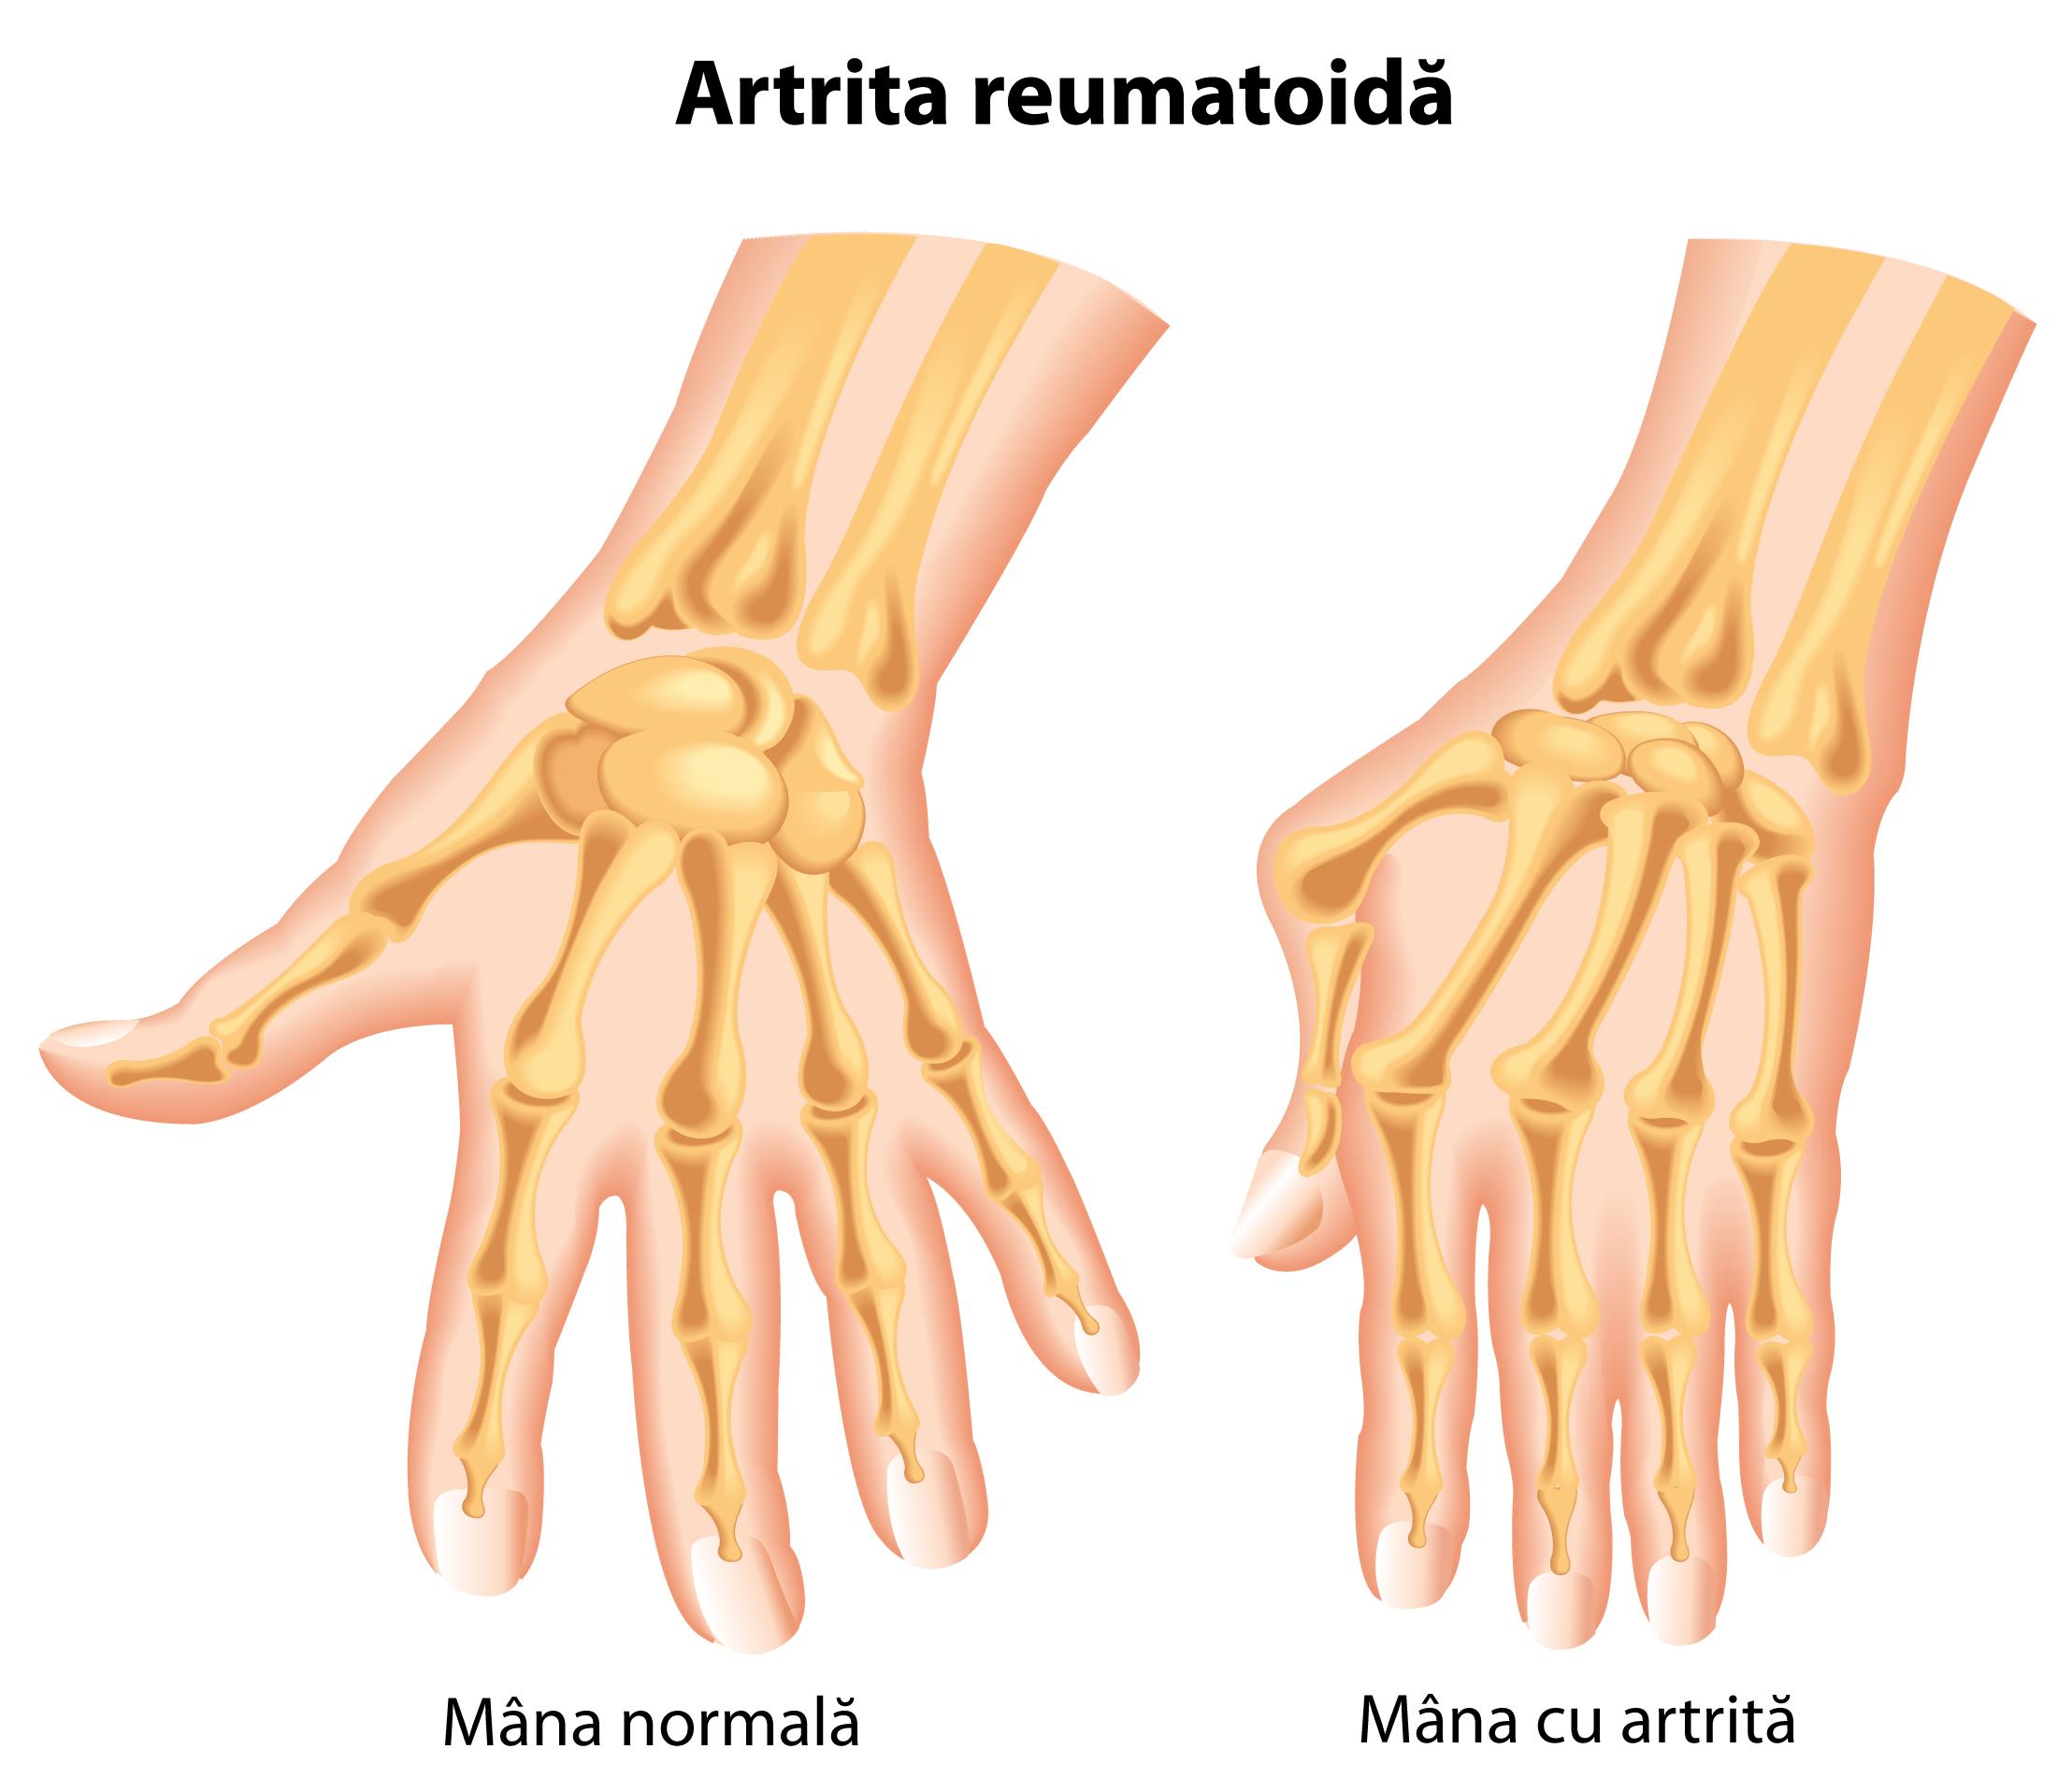 Idee-exe: Ceea ce face răni articulațiile degetelor și genunchilor osteocondrozei